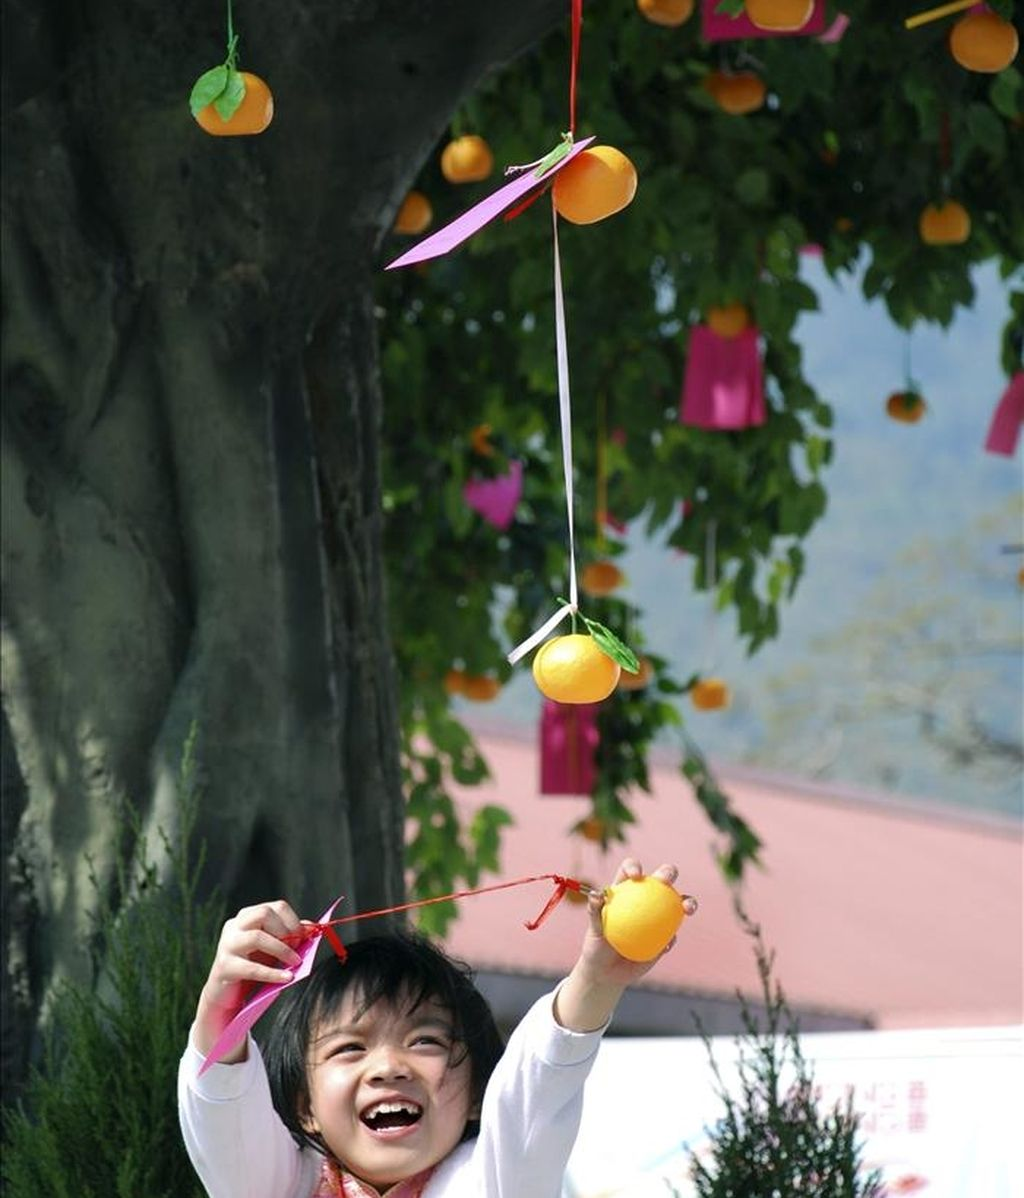 El Año Nuevo Chino en Hong Kong es una de las pocas fechas del calendario que consigue ralentizar la frenética actividad de ex colonia británica, una cita durante la cual poblados con raíces centenarias recuperan y celebran tradiciones para propios y extraños. En la imagen, un padre eleva a su hijo para colgar su deseo en el Arbol de los Deseos del pueblo hongkonés de Lam Tsuen. EFE